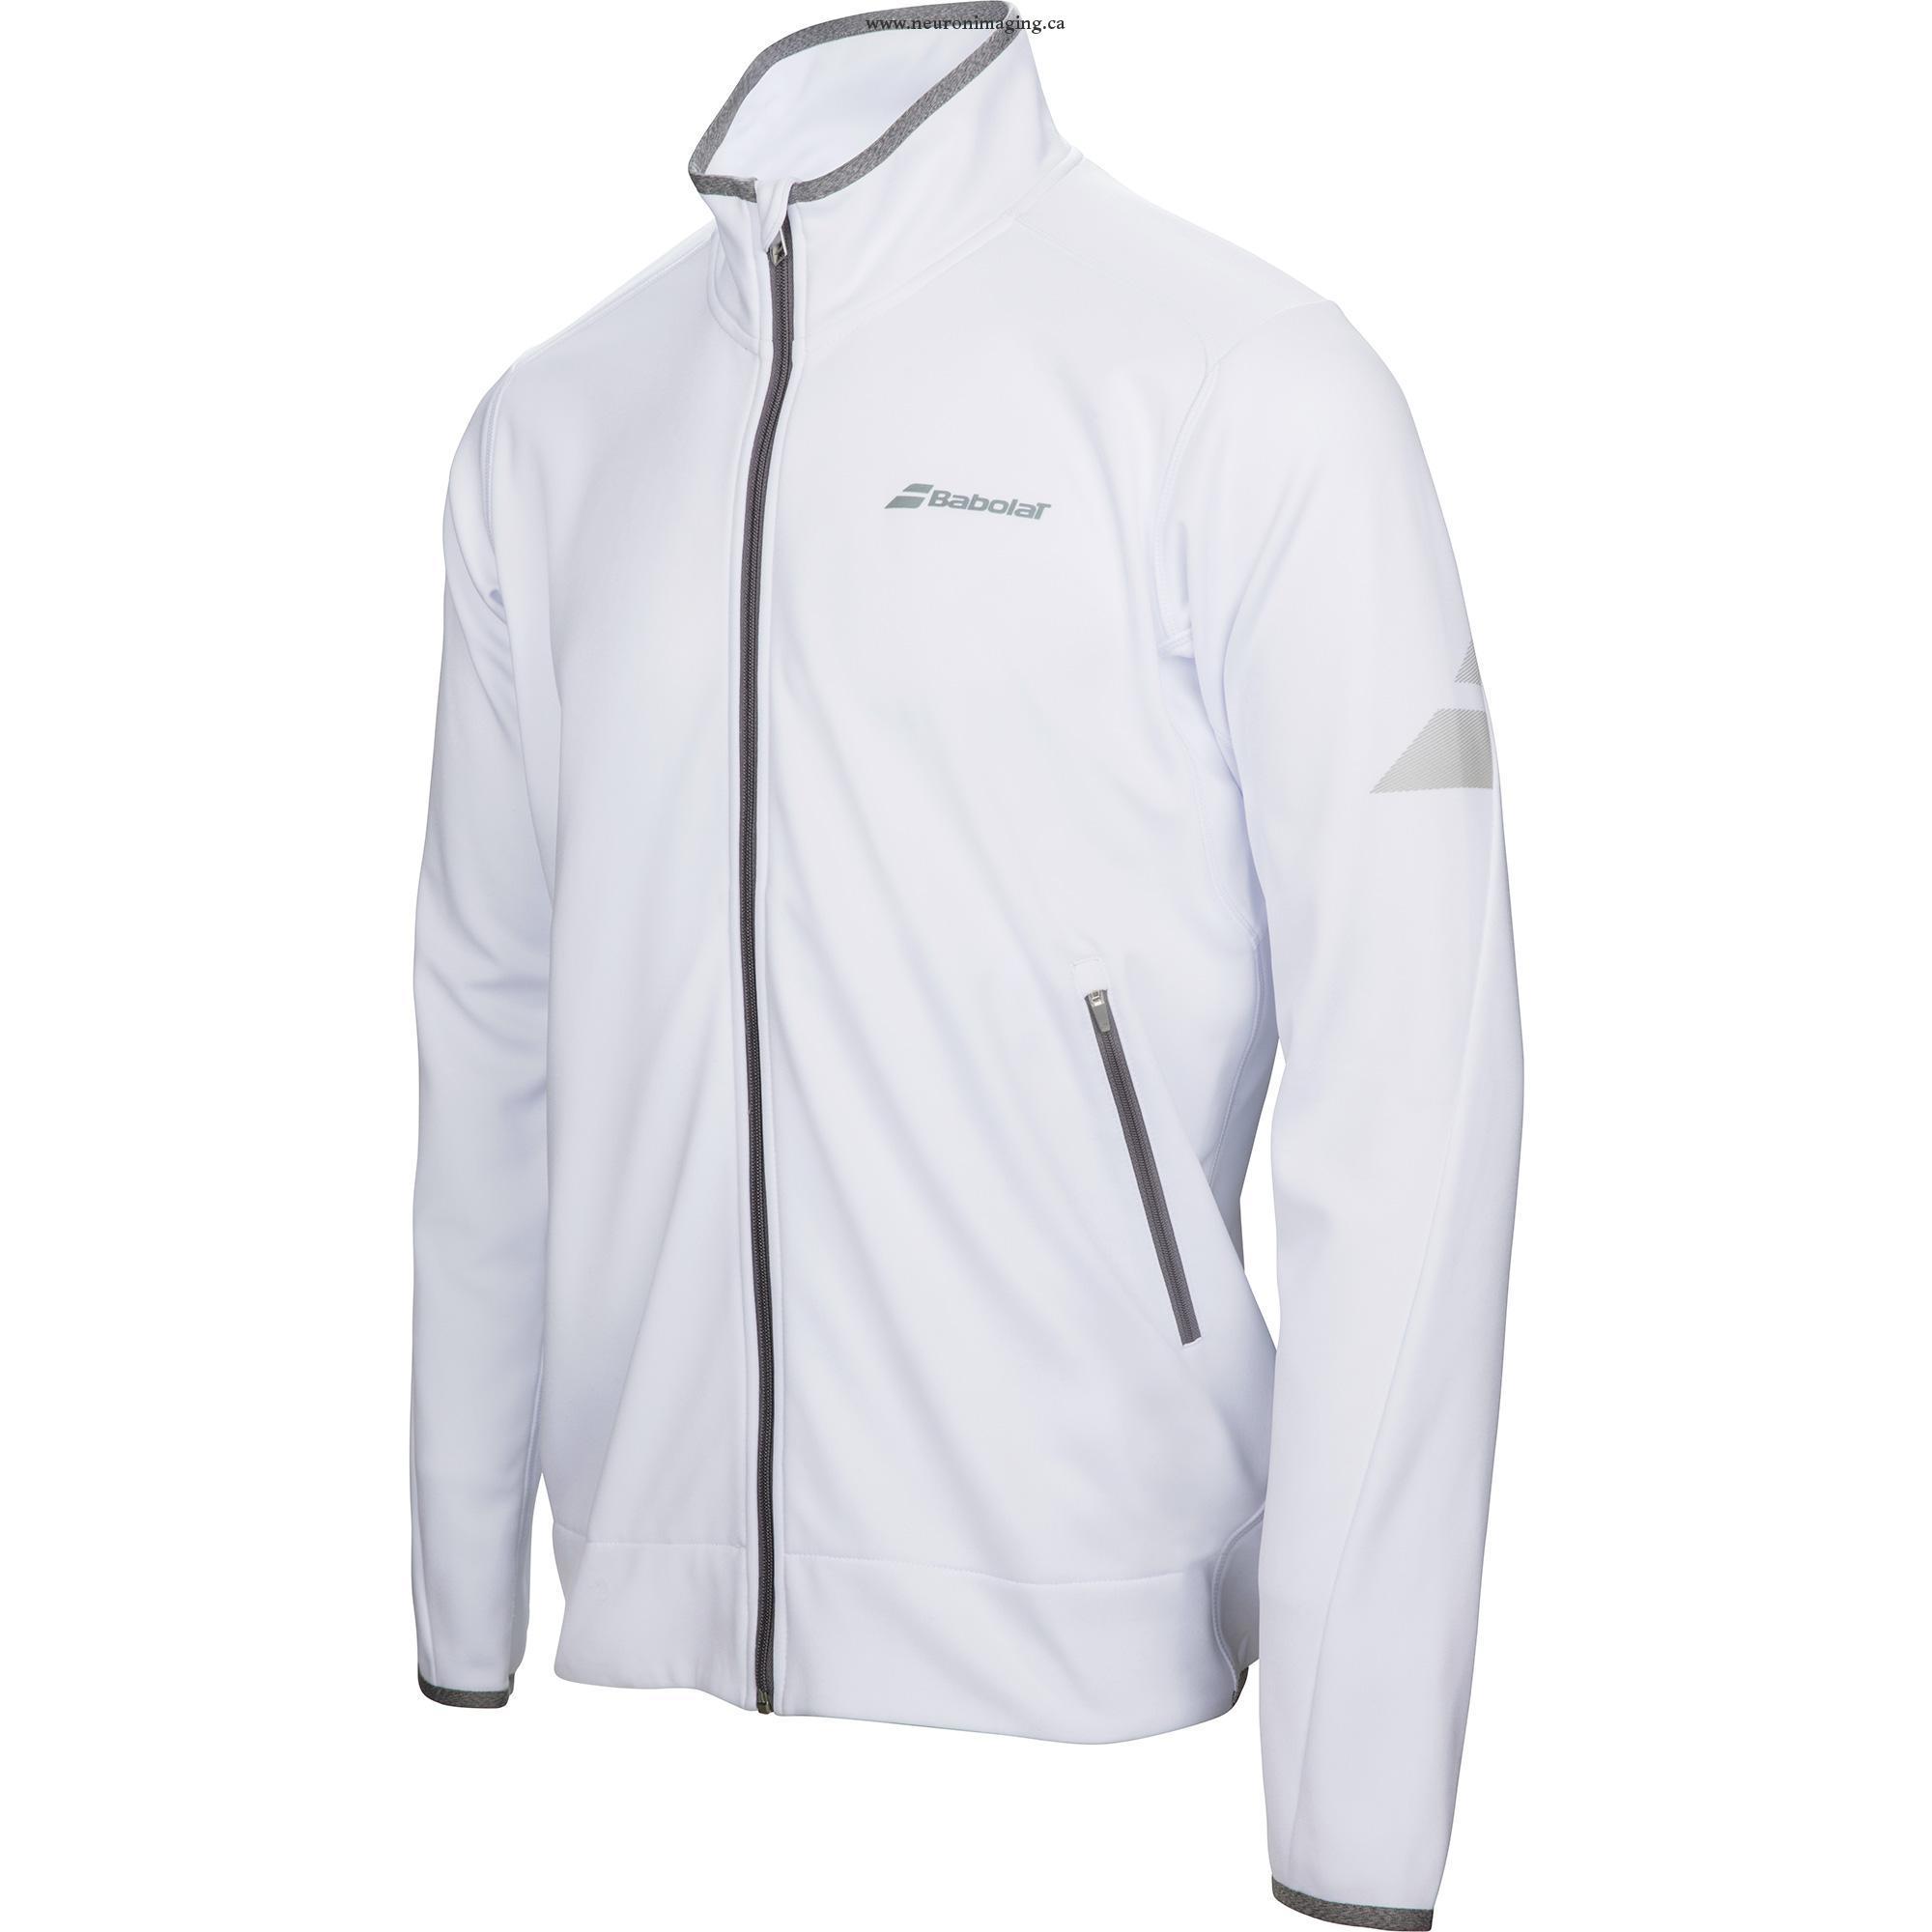 Babolat Perf Jacket Bianco Bambino